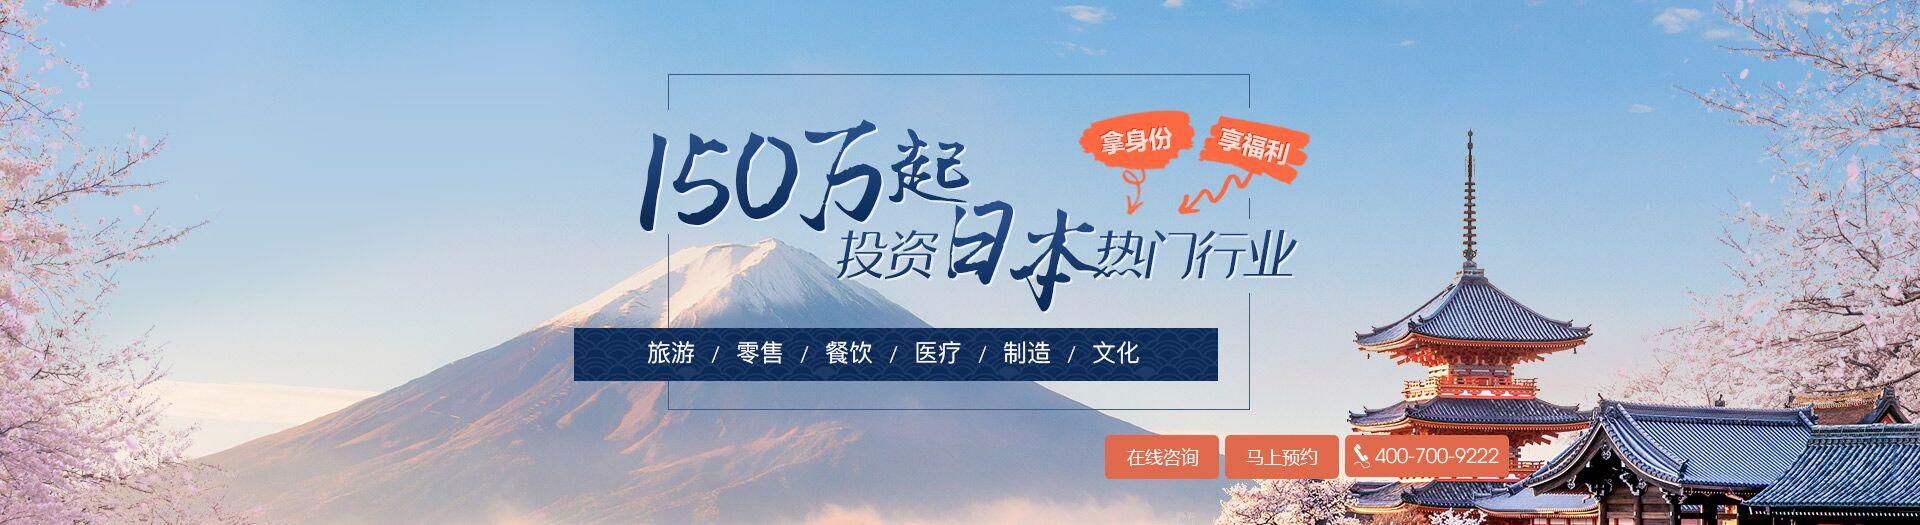 30万起投资日本热门行业